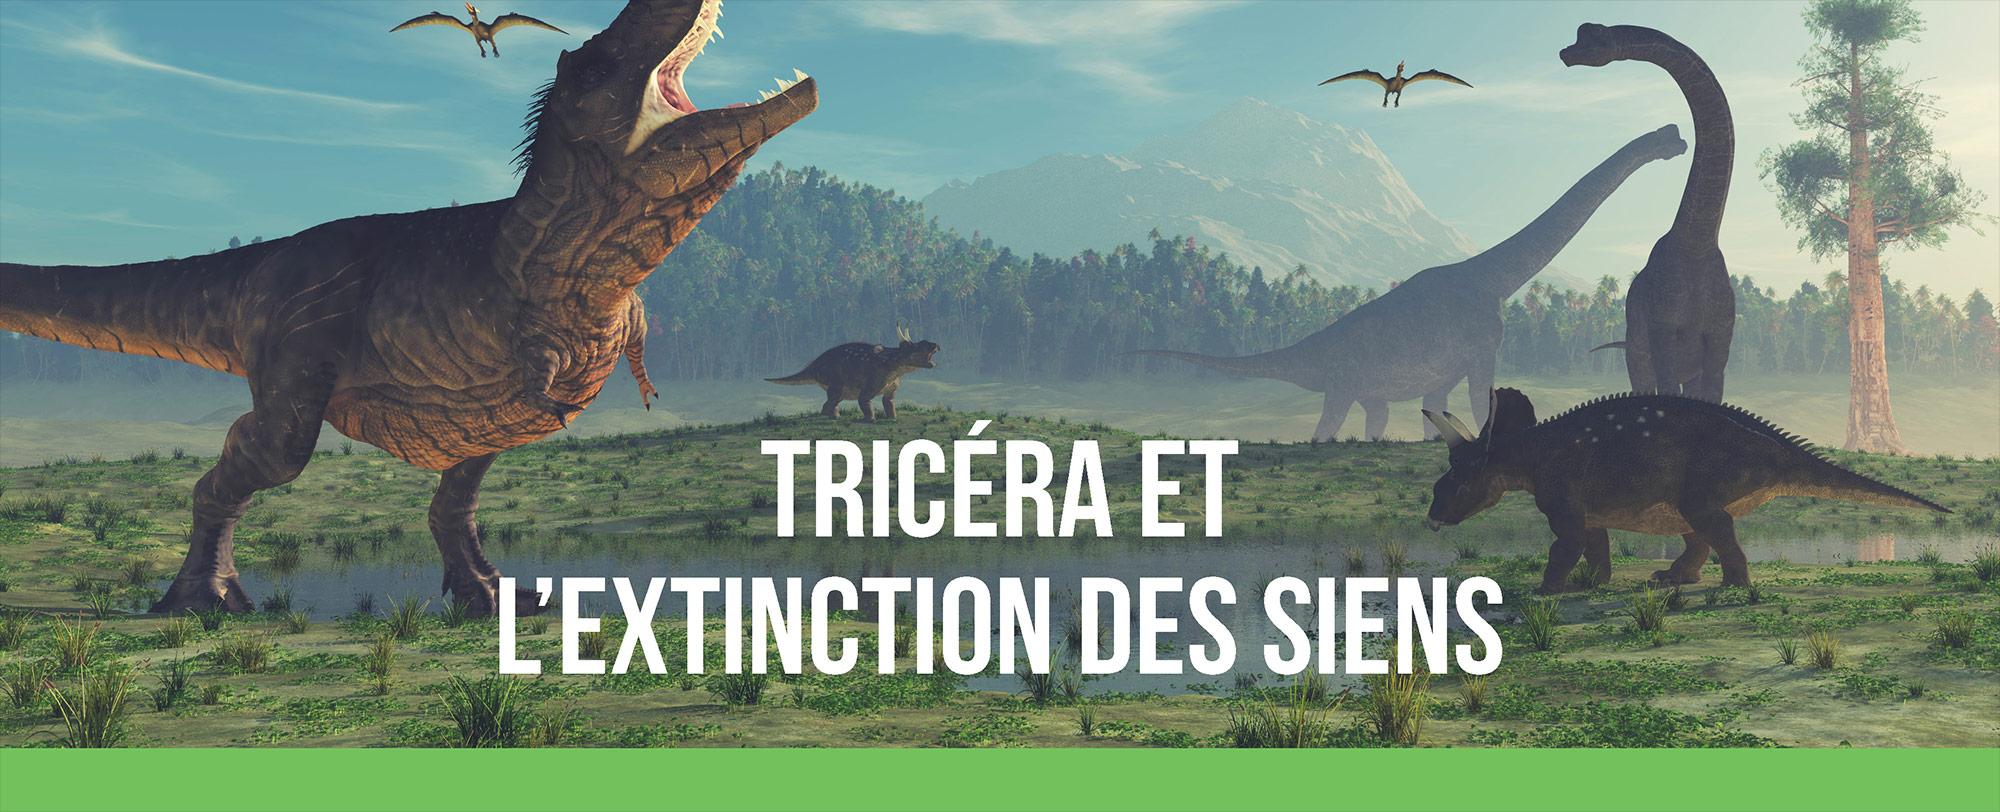 Tricéra et l'extinction des siens